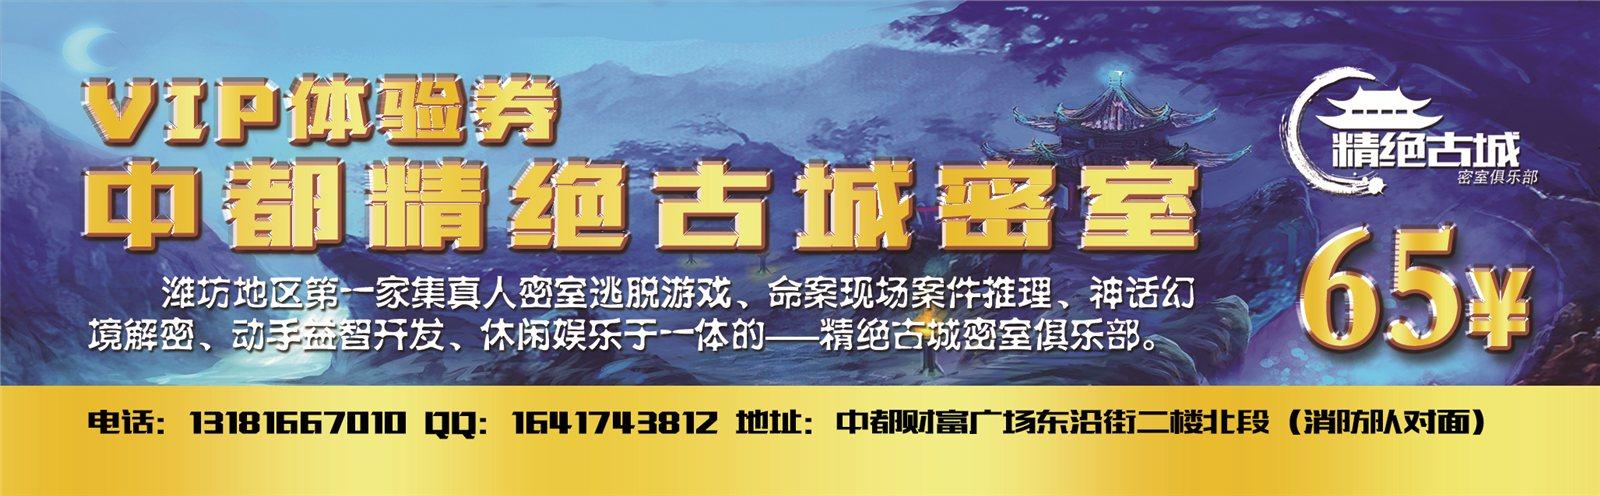 东风日产青州江山回馈新老客户售后活动感恩开启